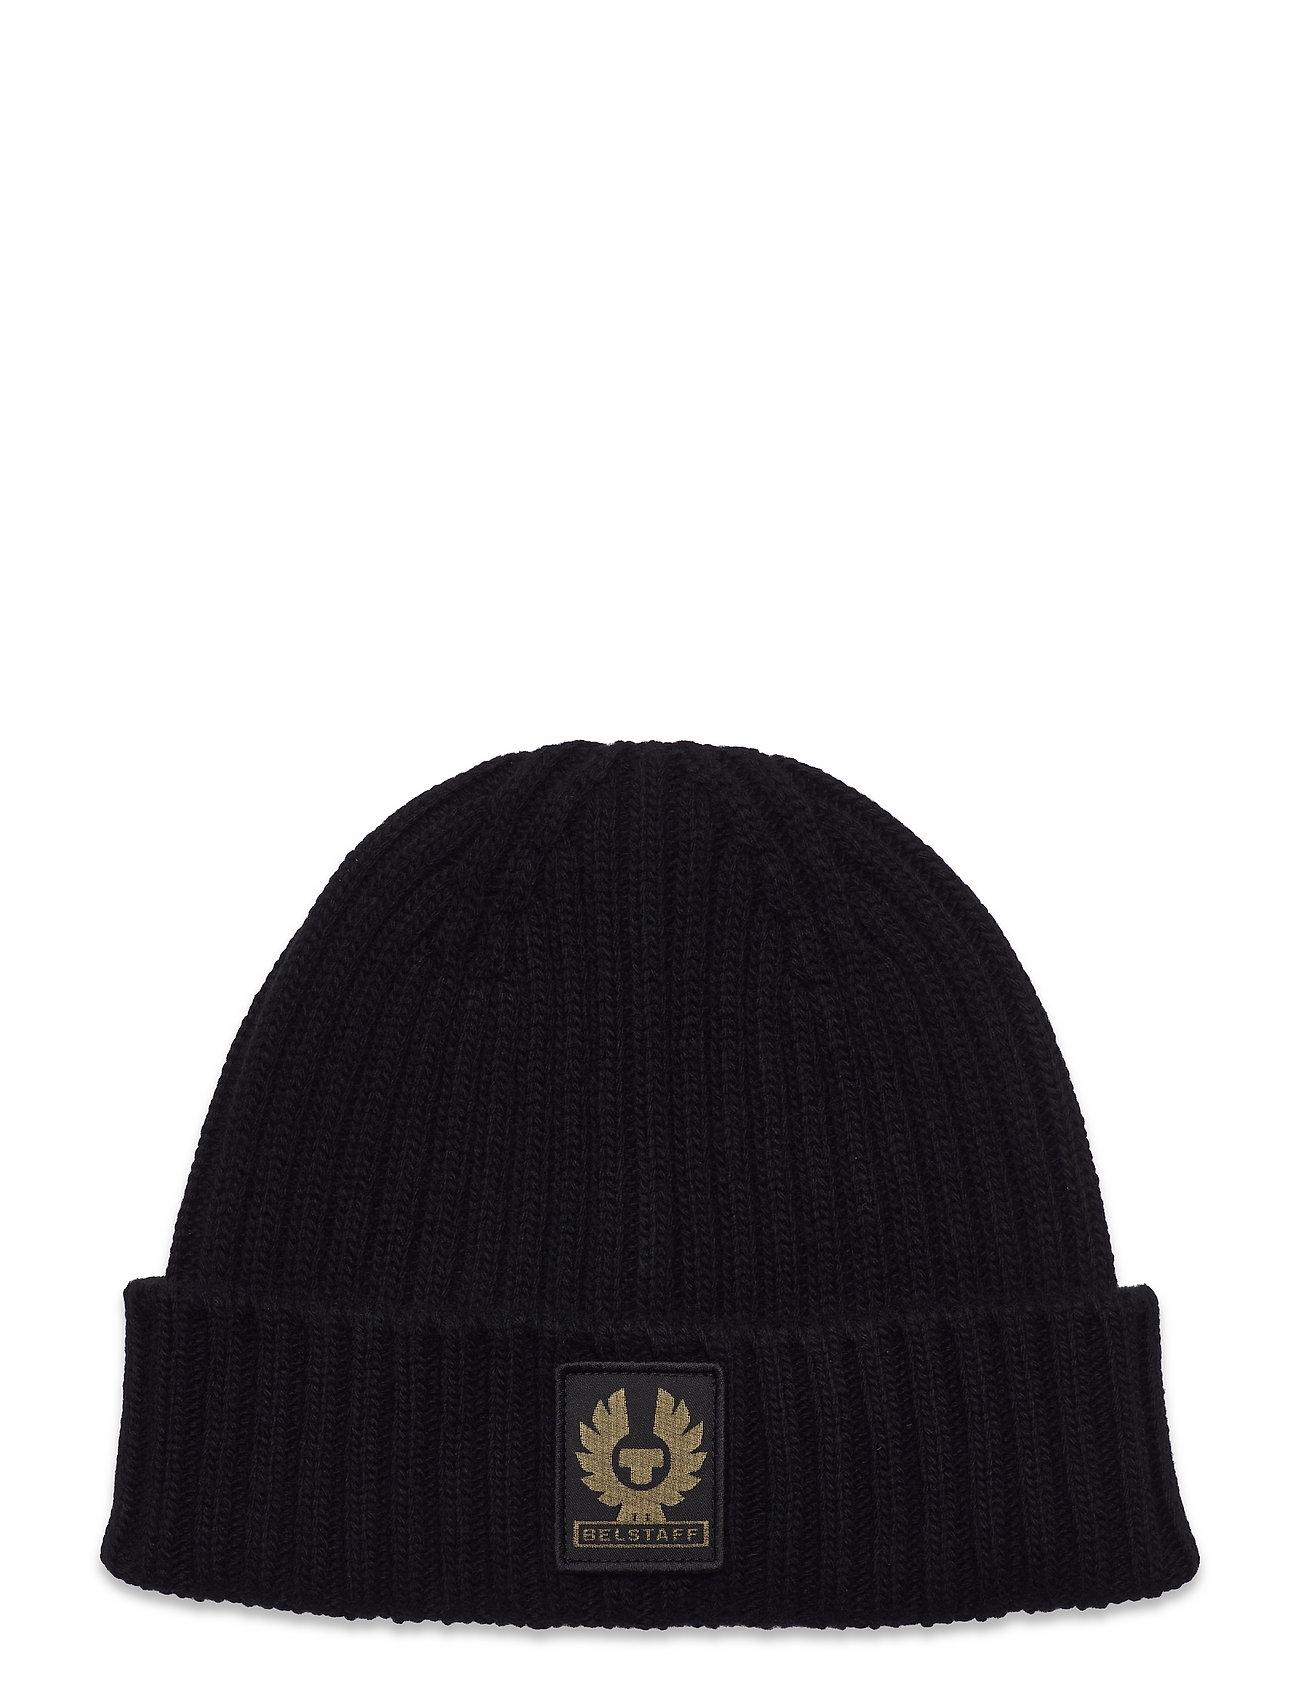 Watch Hat W/Patch Accessories Headwear Beanies Sort Belstaff